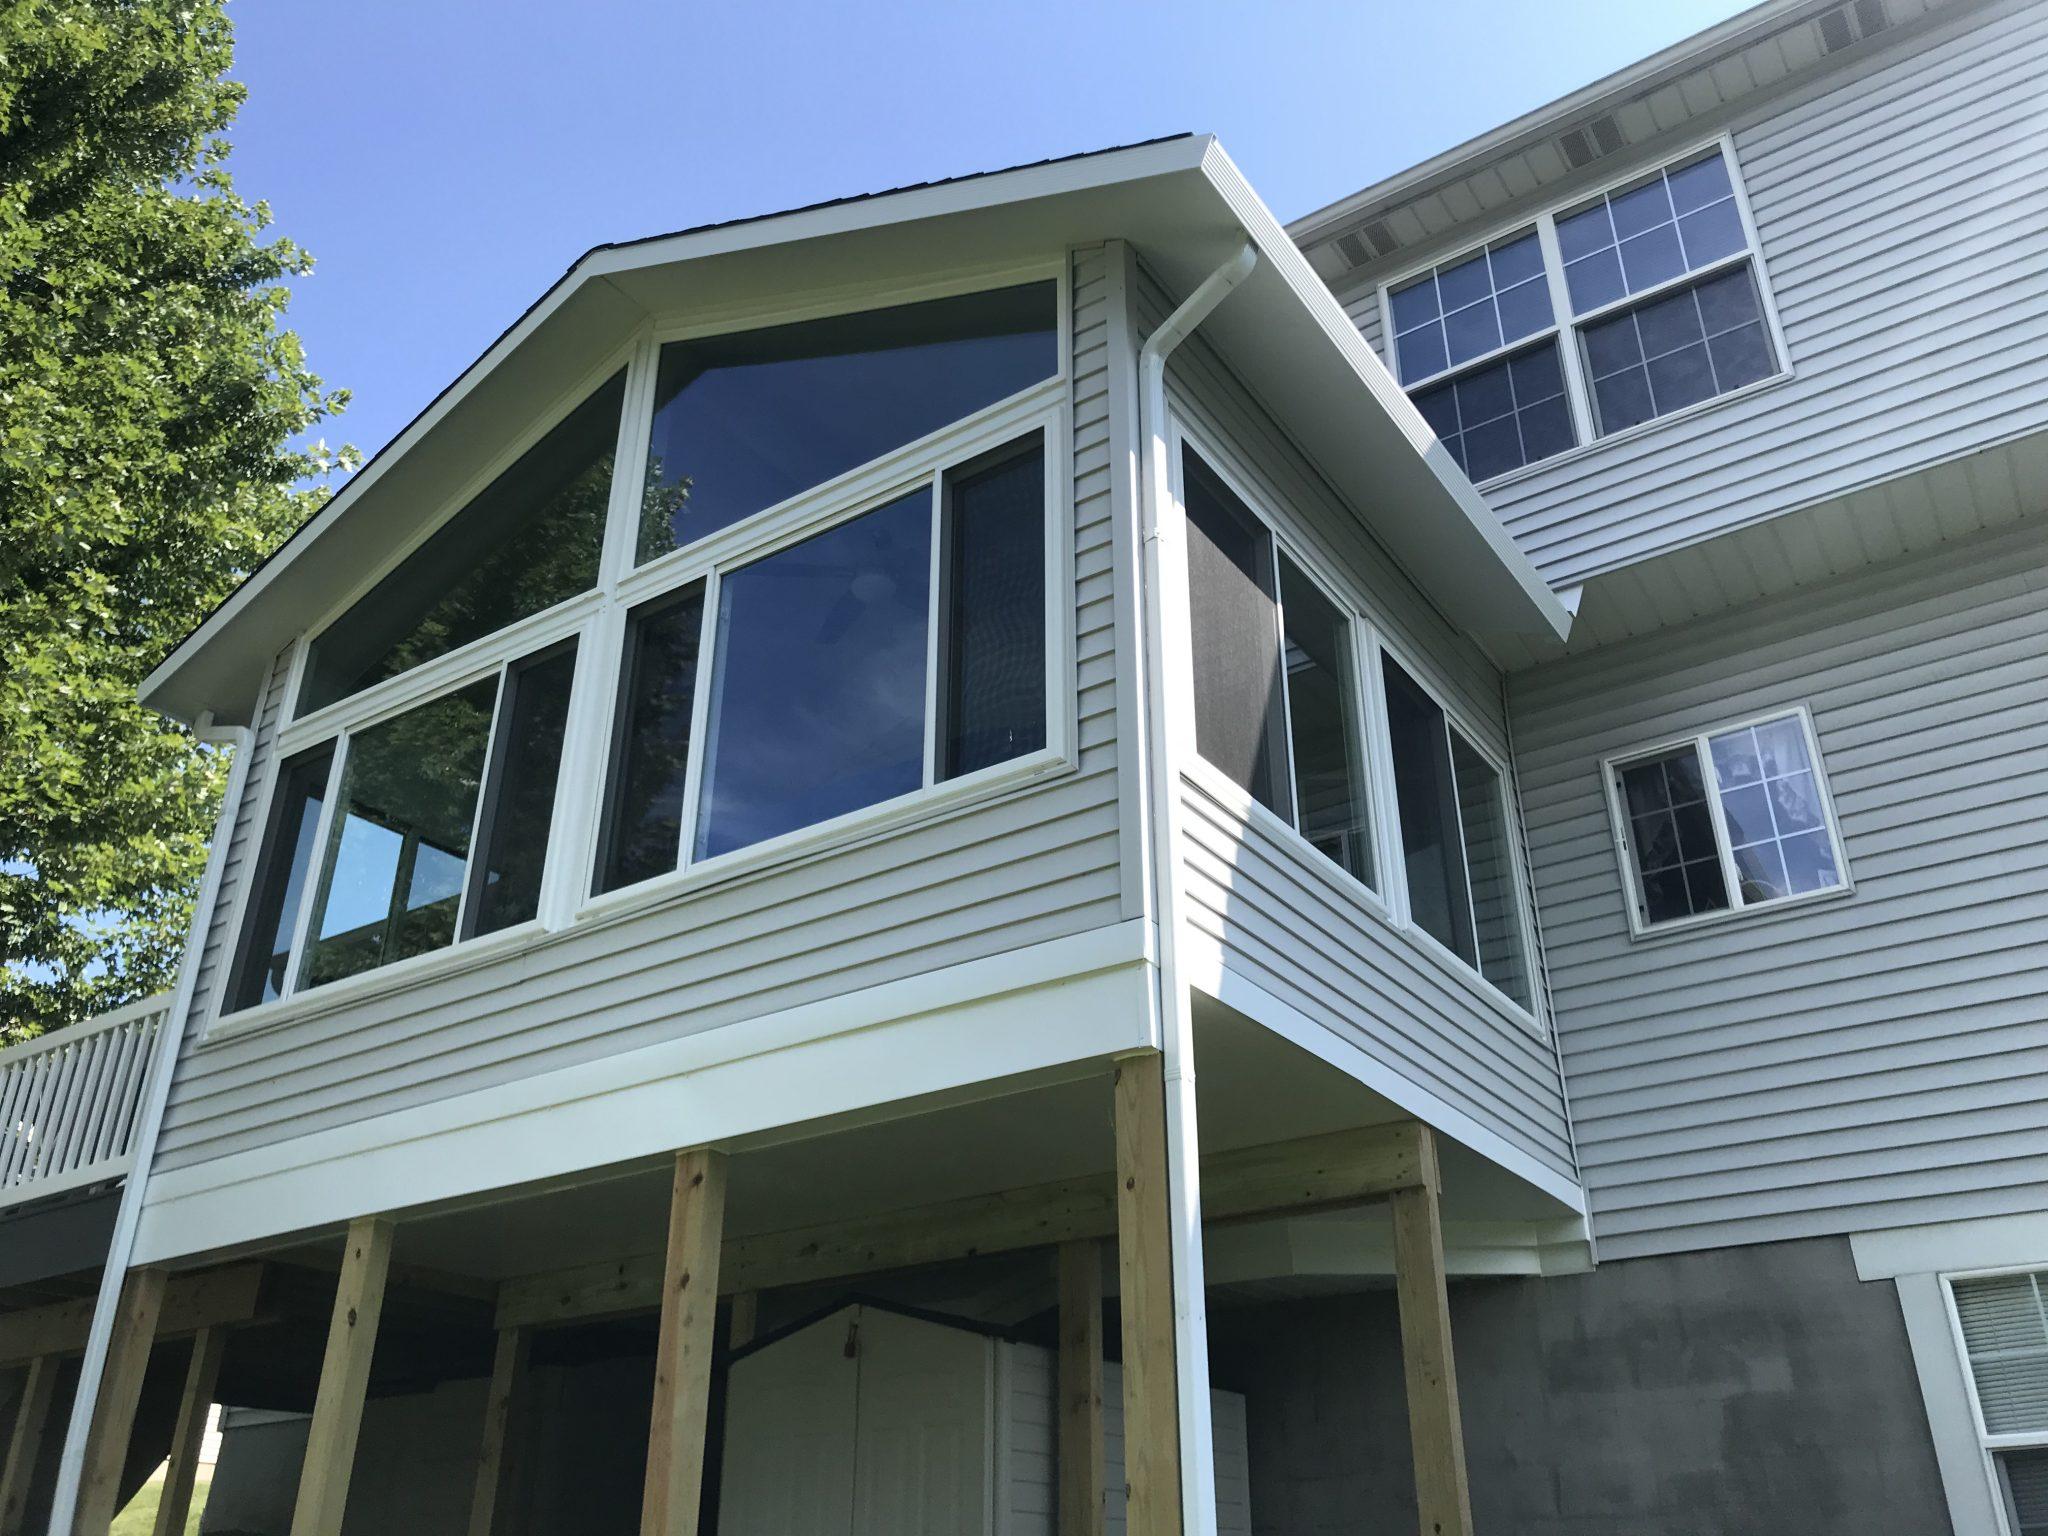 elevated 4 season room on wood columns